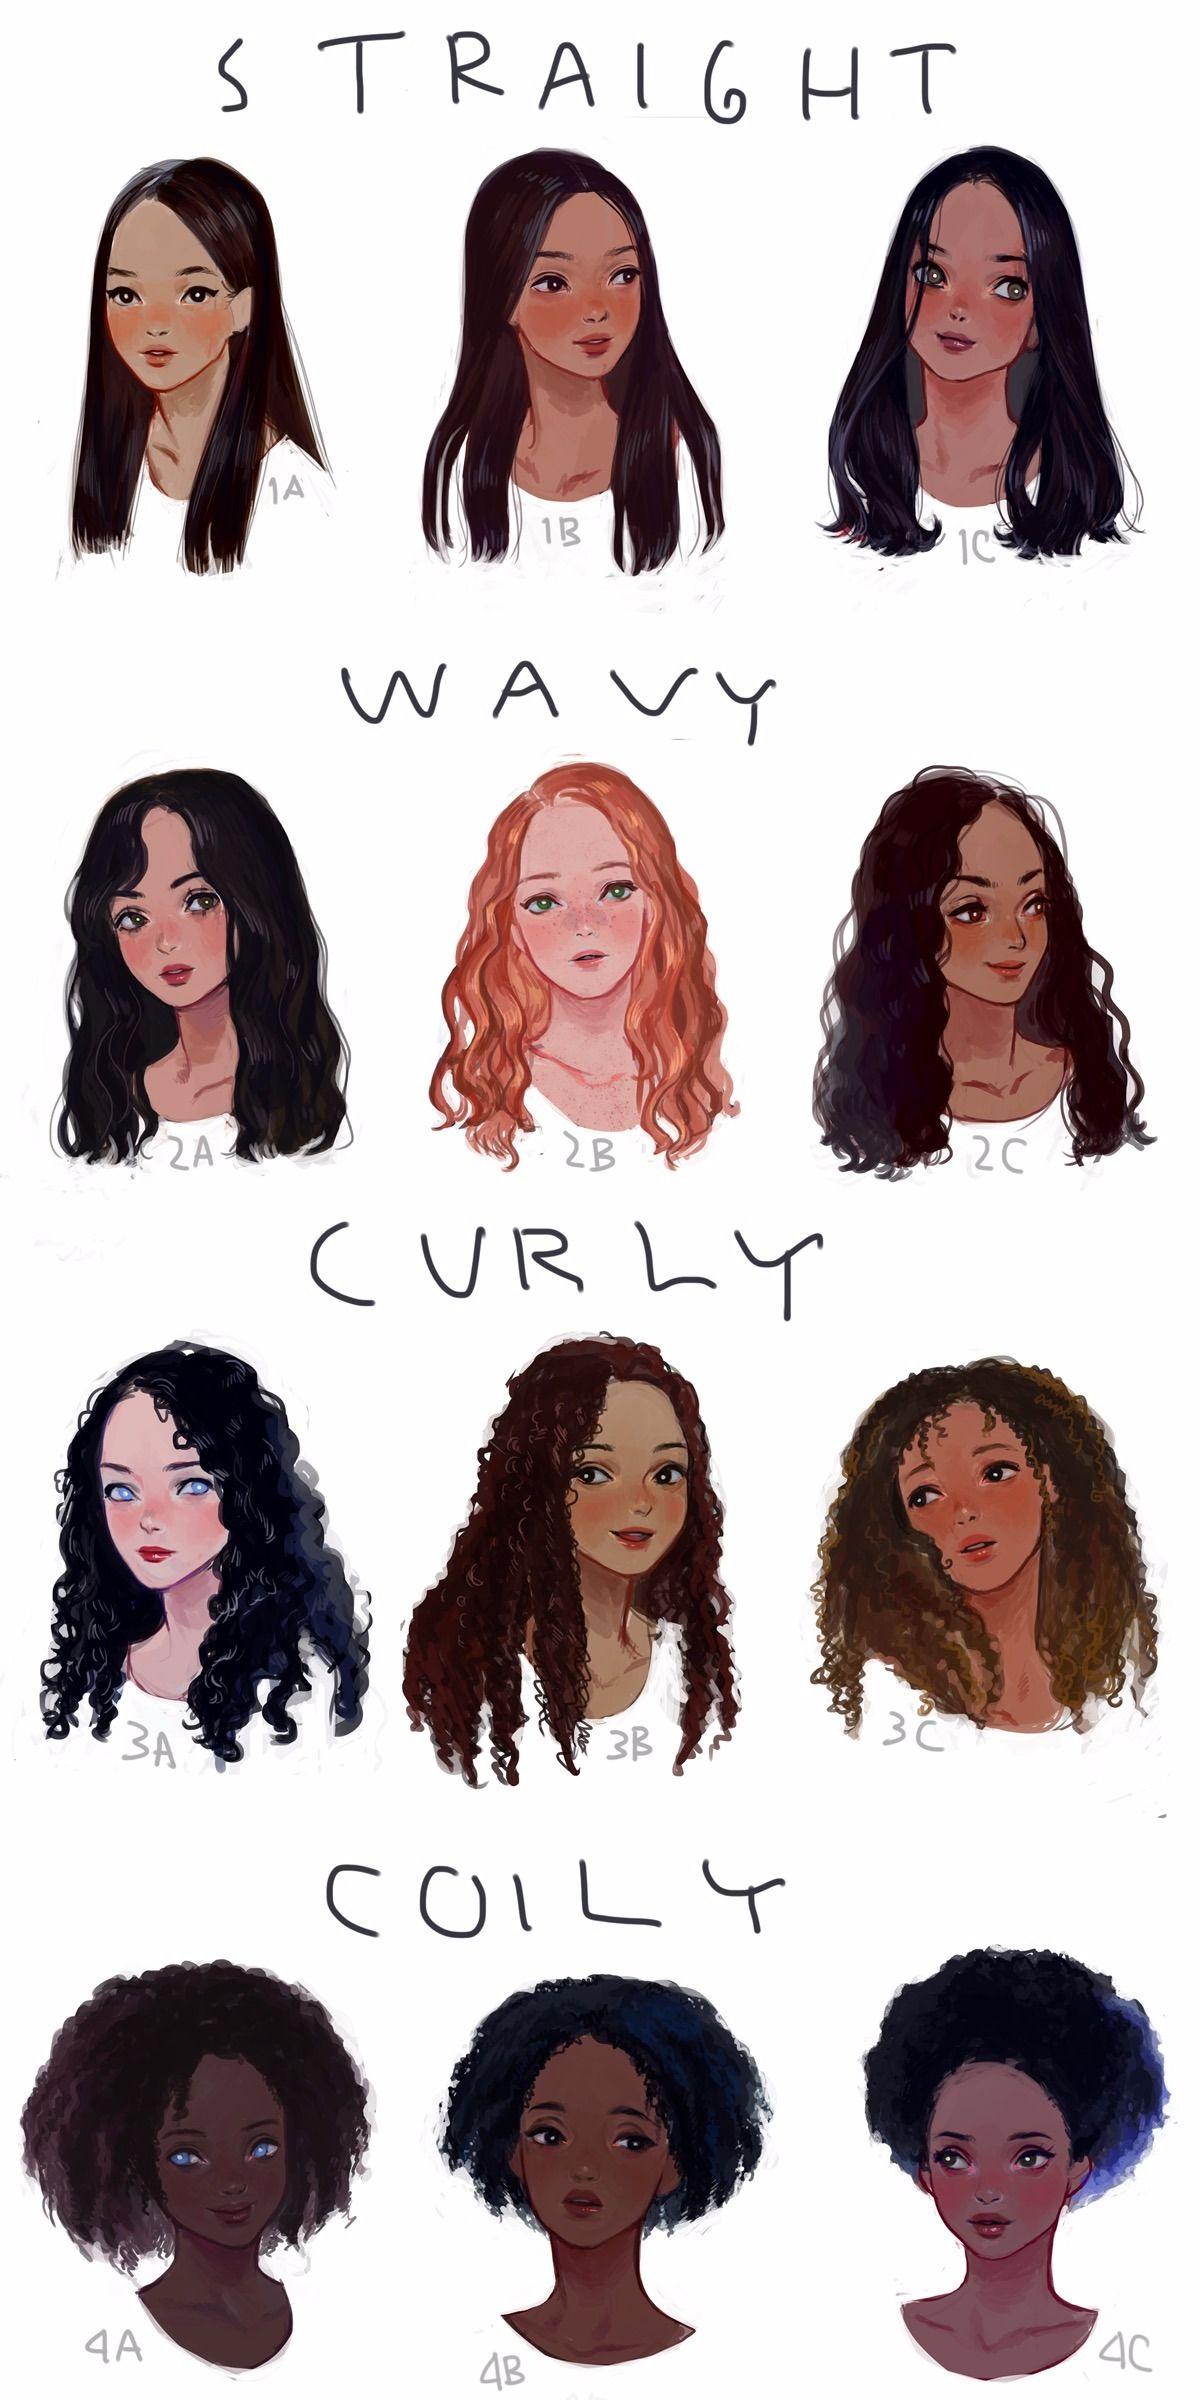 eafrns drew visual hair type